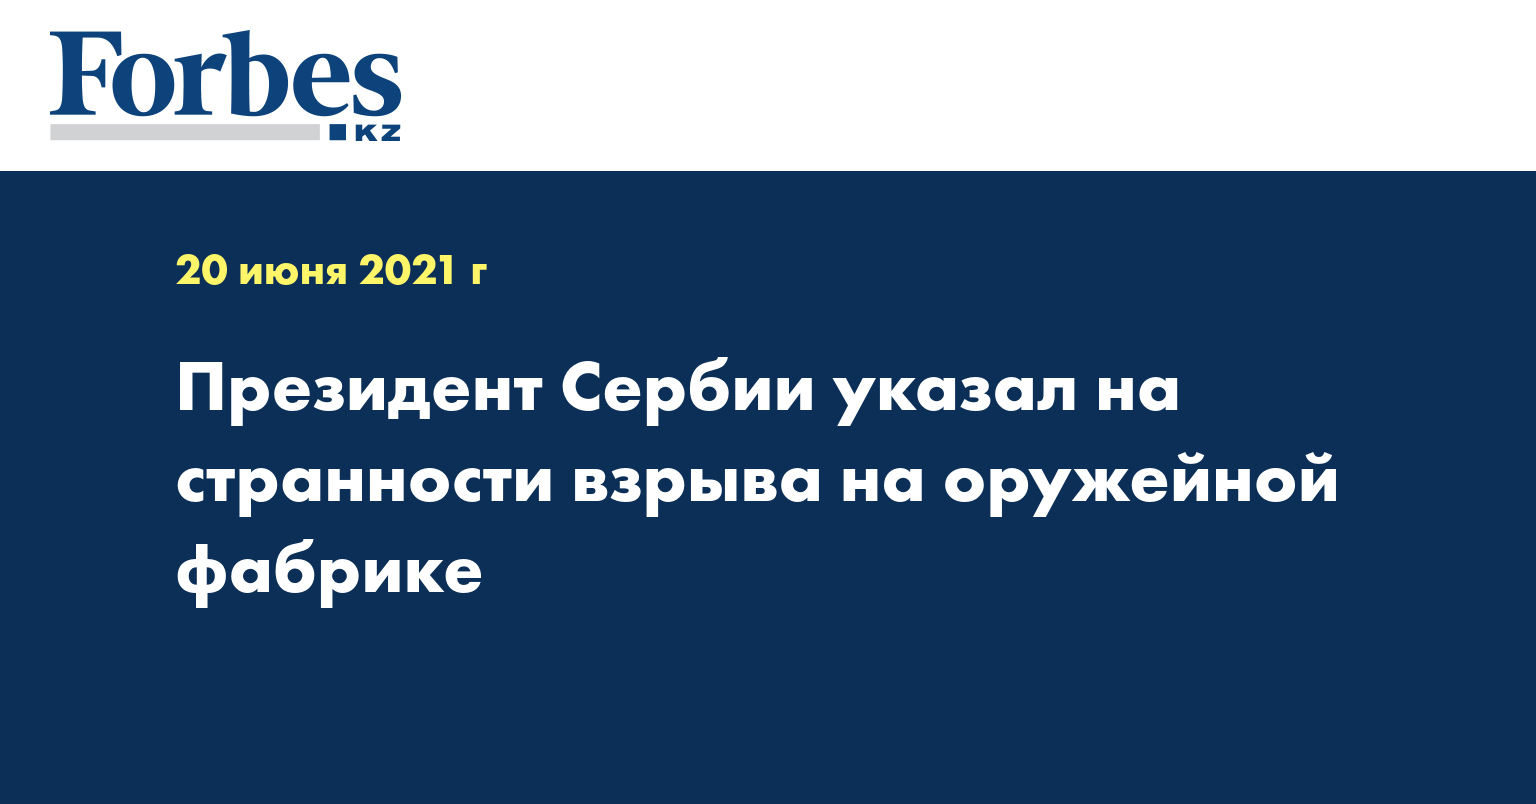 Президент Сербии указал на странности взрыва на оружейной фабрике